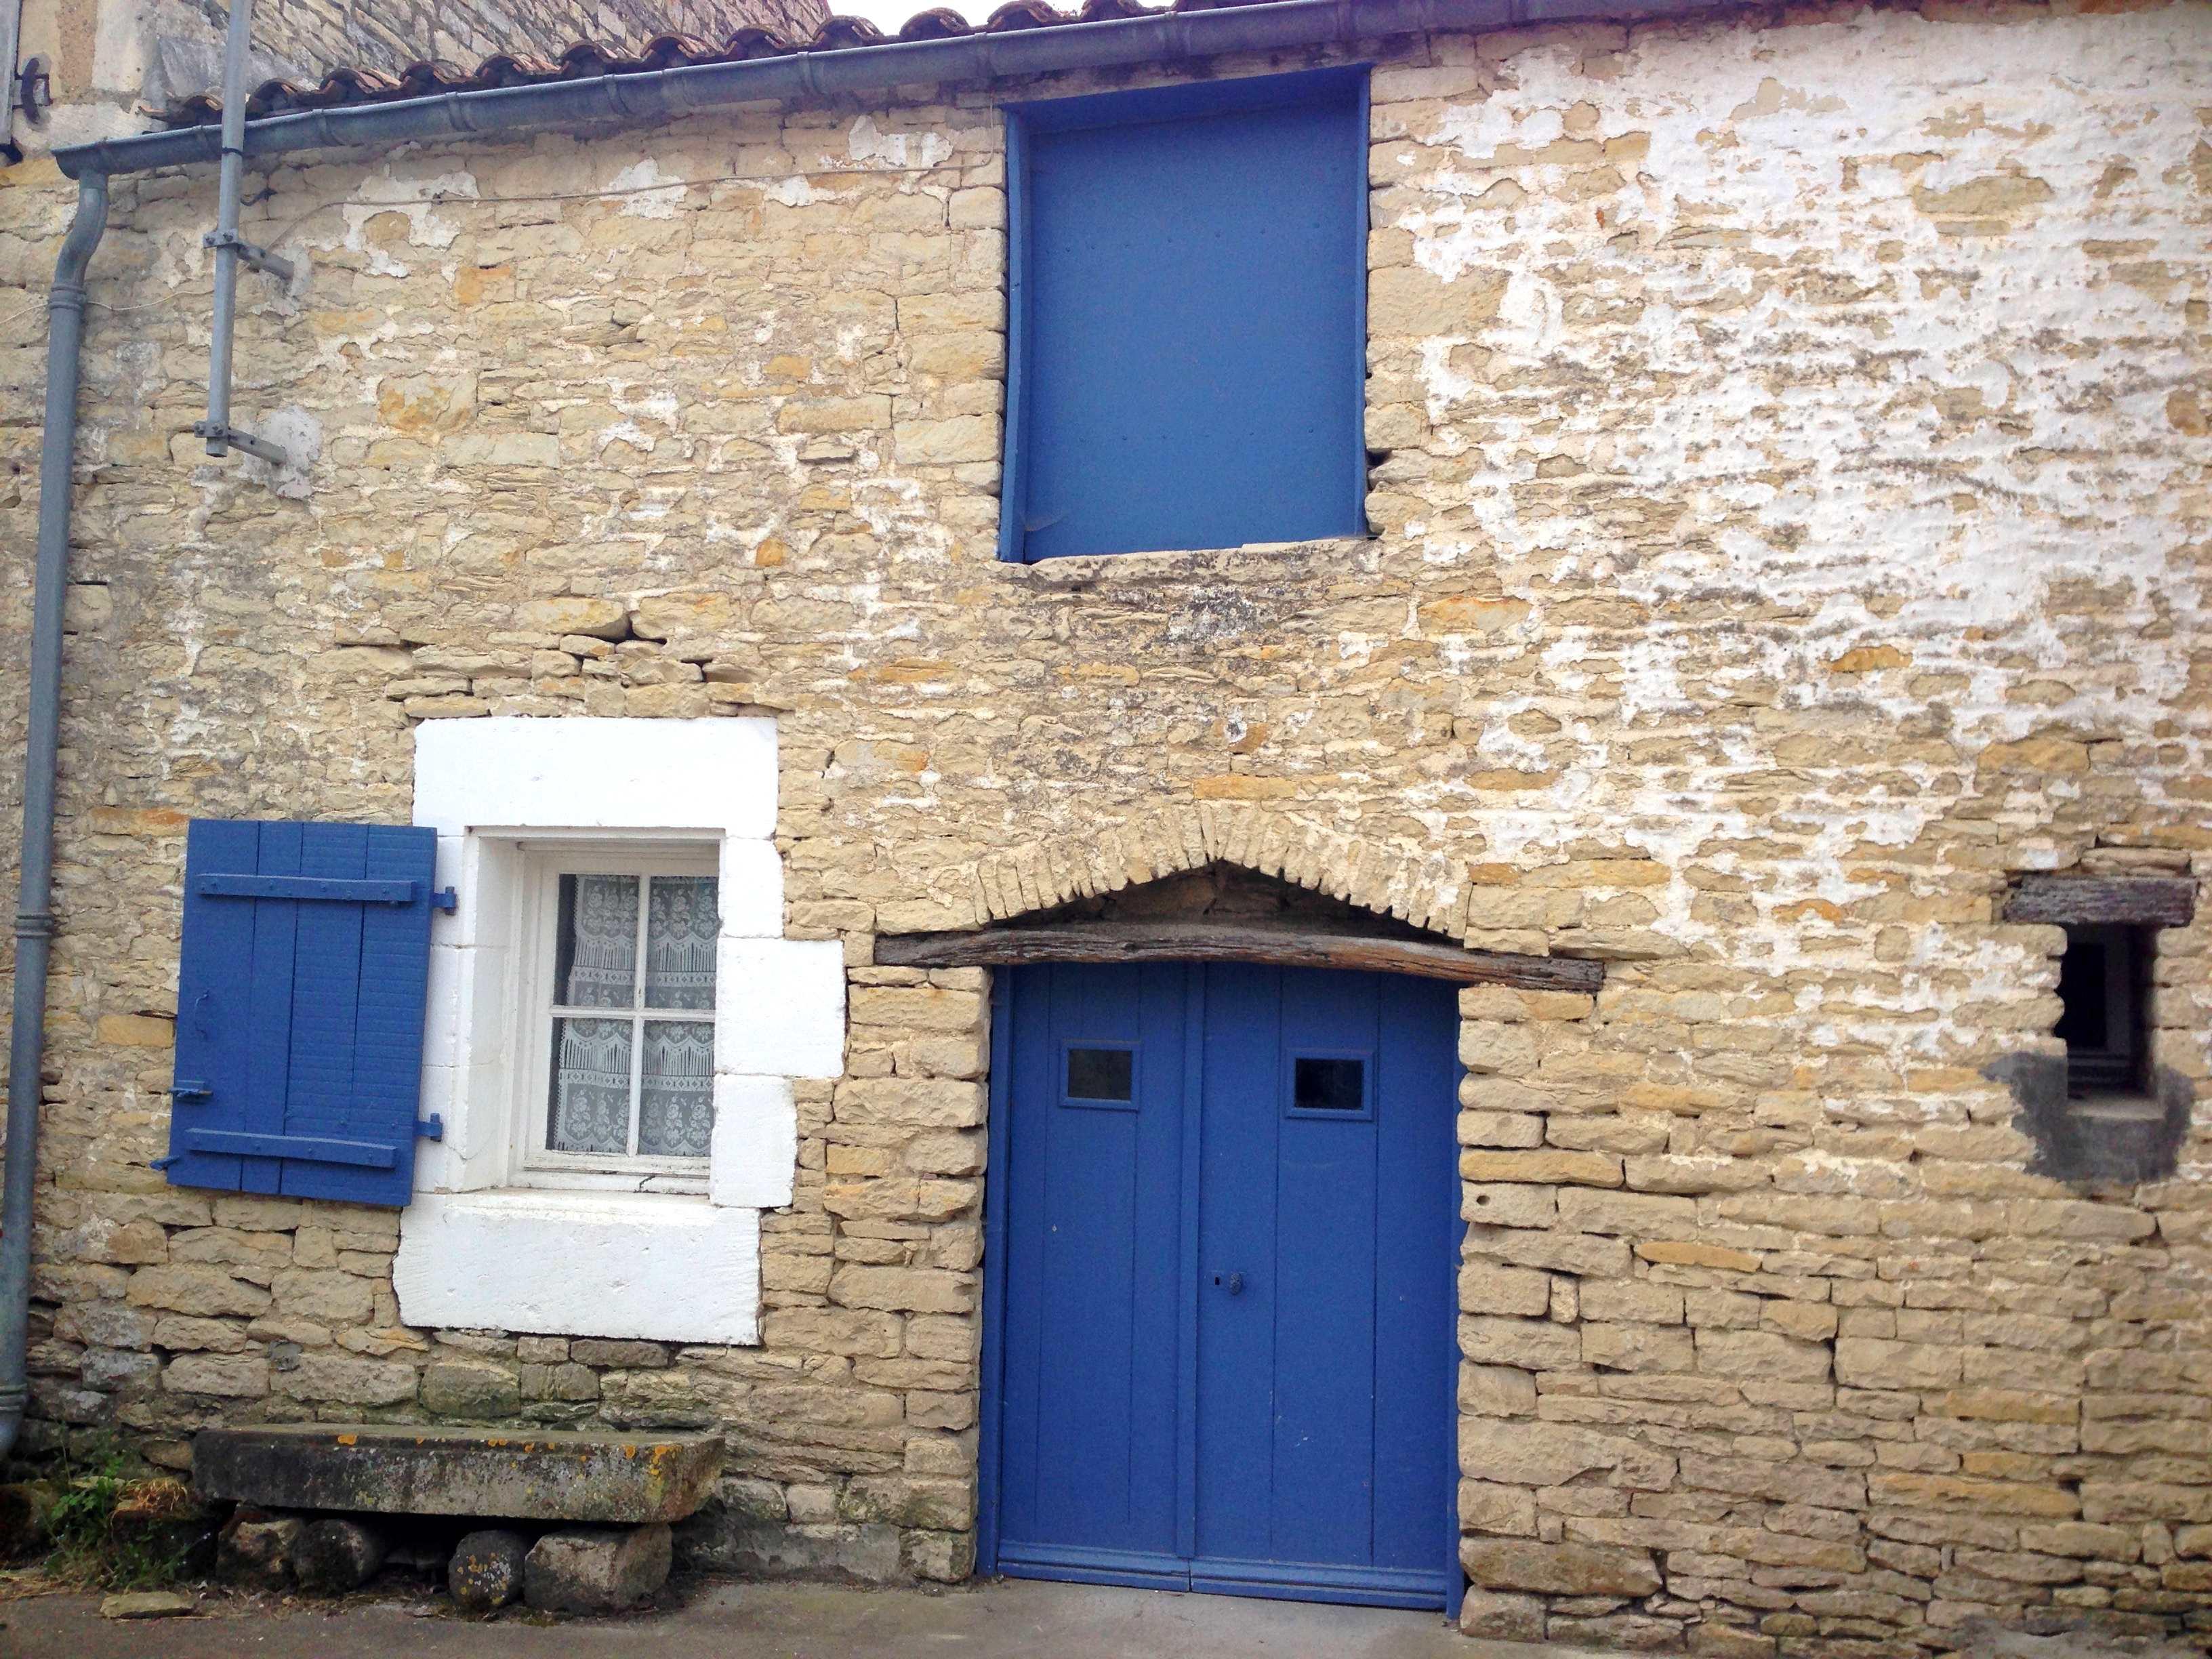 Arçais : Visite d'un village maraîchin - Visite guidée